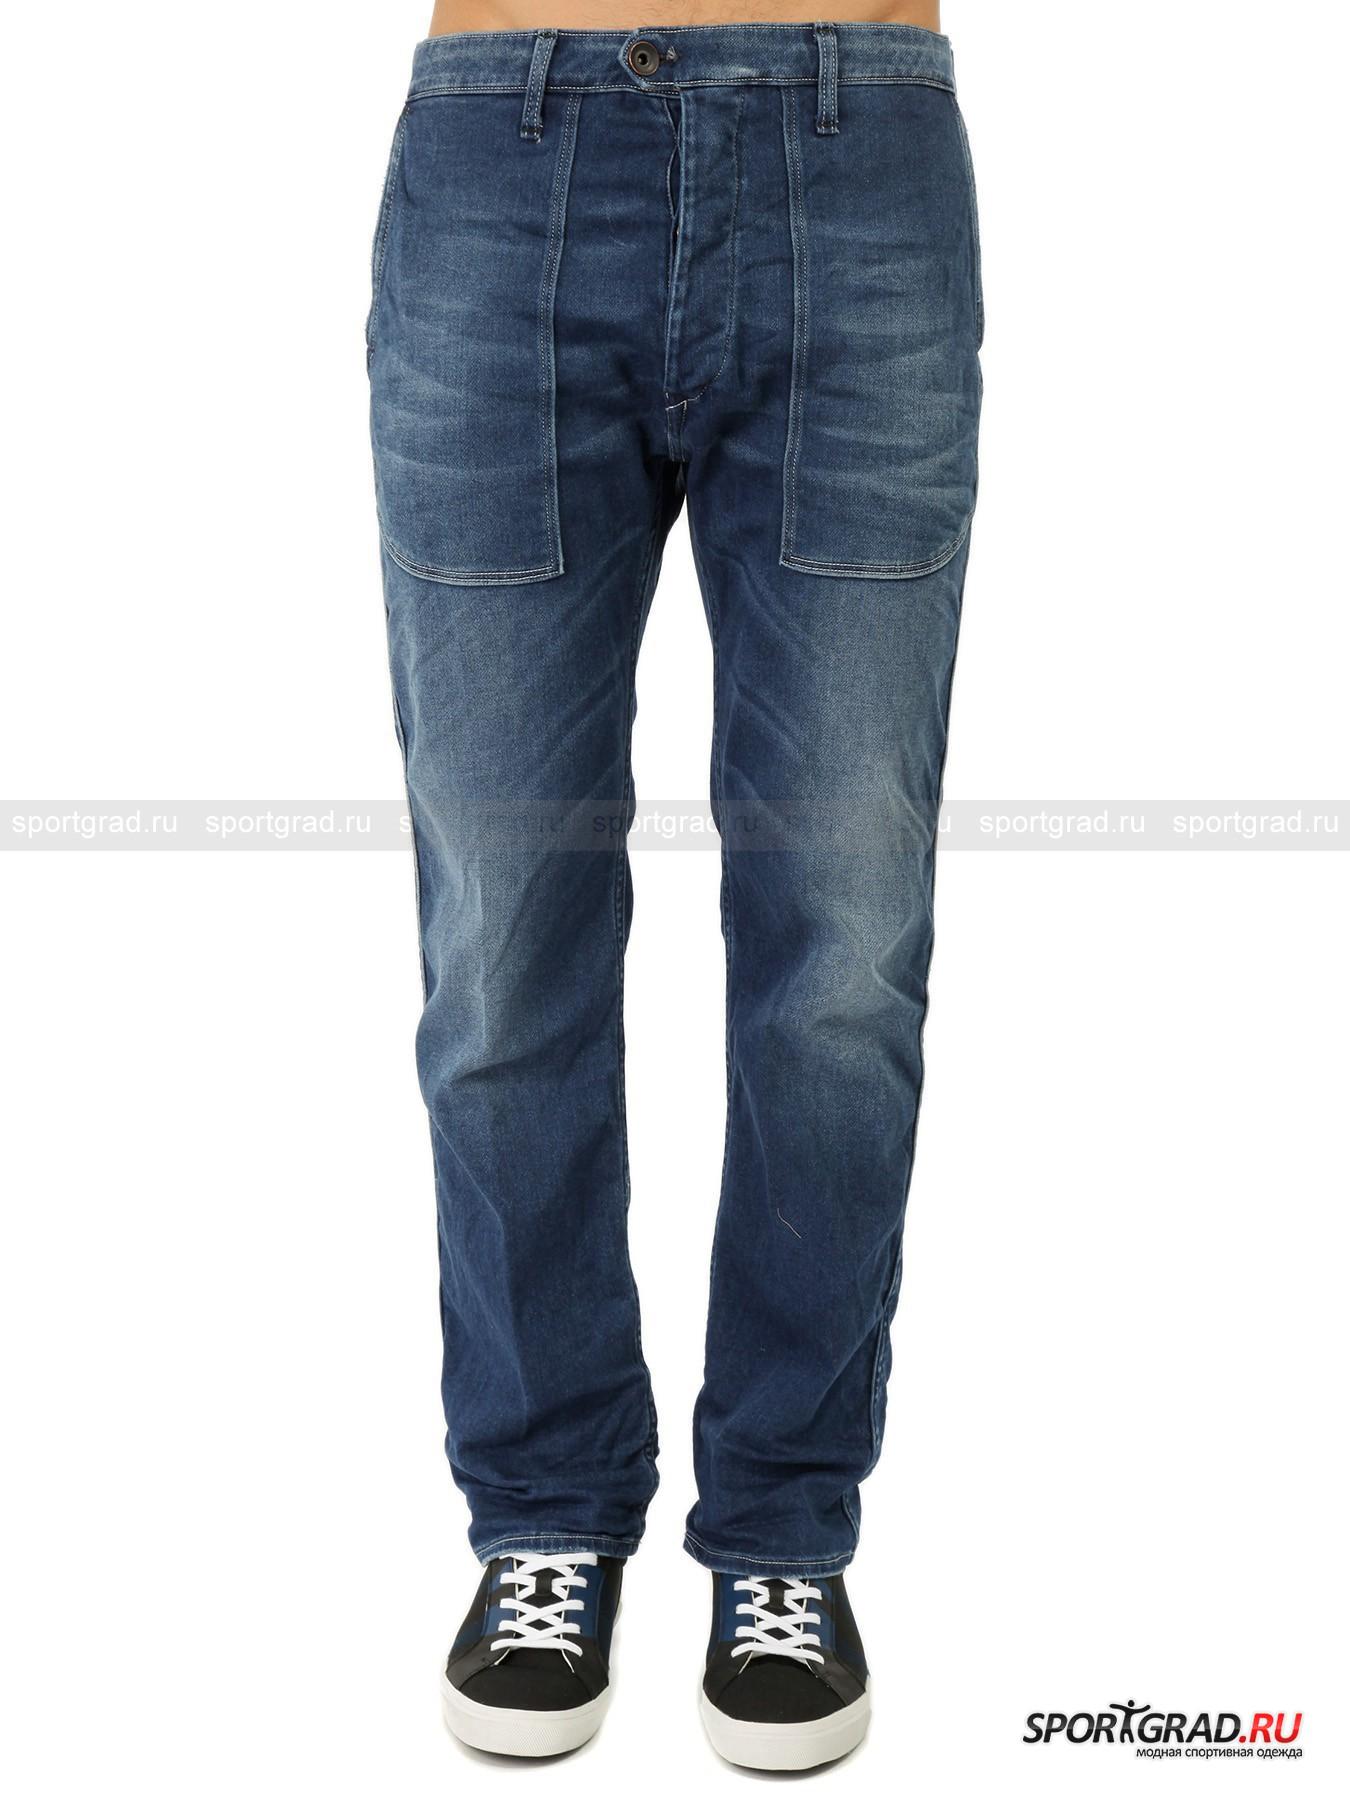 Джинсы мужские WRIGHT`SБрюки<br>Довольно широкие прямые джинсы Wright's 2k Standart – классика в современном исполнении. Штаны изготовлены из очень мягкого премиального денима, так что ходить в них одно удовольствие.<br>Особенности модели:<br>- ширинка на пуговицах и еще две пуговицы на поясе;<br>- четыре кармана;<br>- петли для ремня;<br>- кокетка на пояснице;<br>- на поясе белая полоса с фирменным логотипом, будто бы нанесенная краской из баллончика.<br><br>Пол: Мужской<br>Возраст: Взрослый<br>Тип: Брюки<br>Рекомендации по уходу: стирка при температуре до 30 С; не отбеливать; гладить при температуре до 110 С; сухая химическая чистка; нельзя сушить в стиральной машине<br>Состав: 99% хлопок, 1% полиуретан